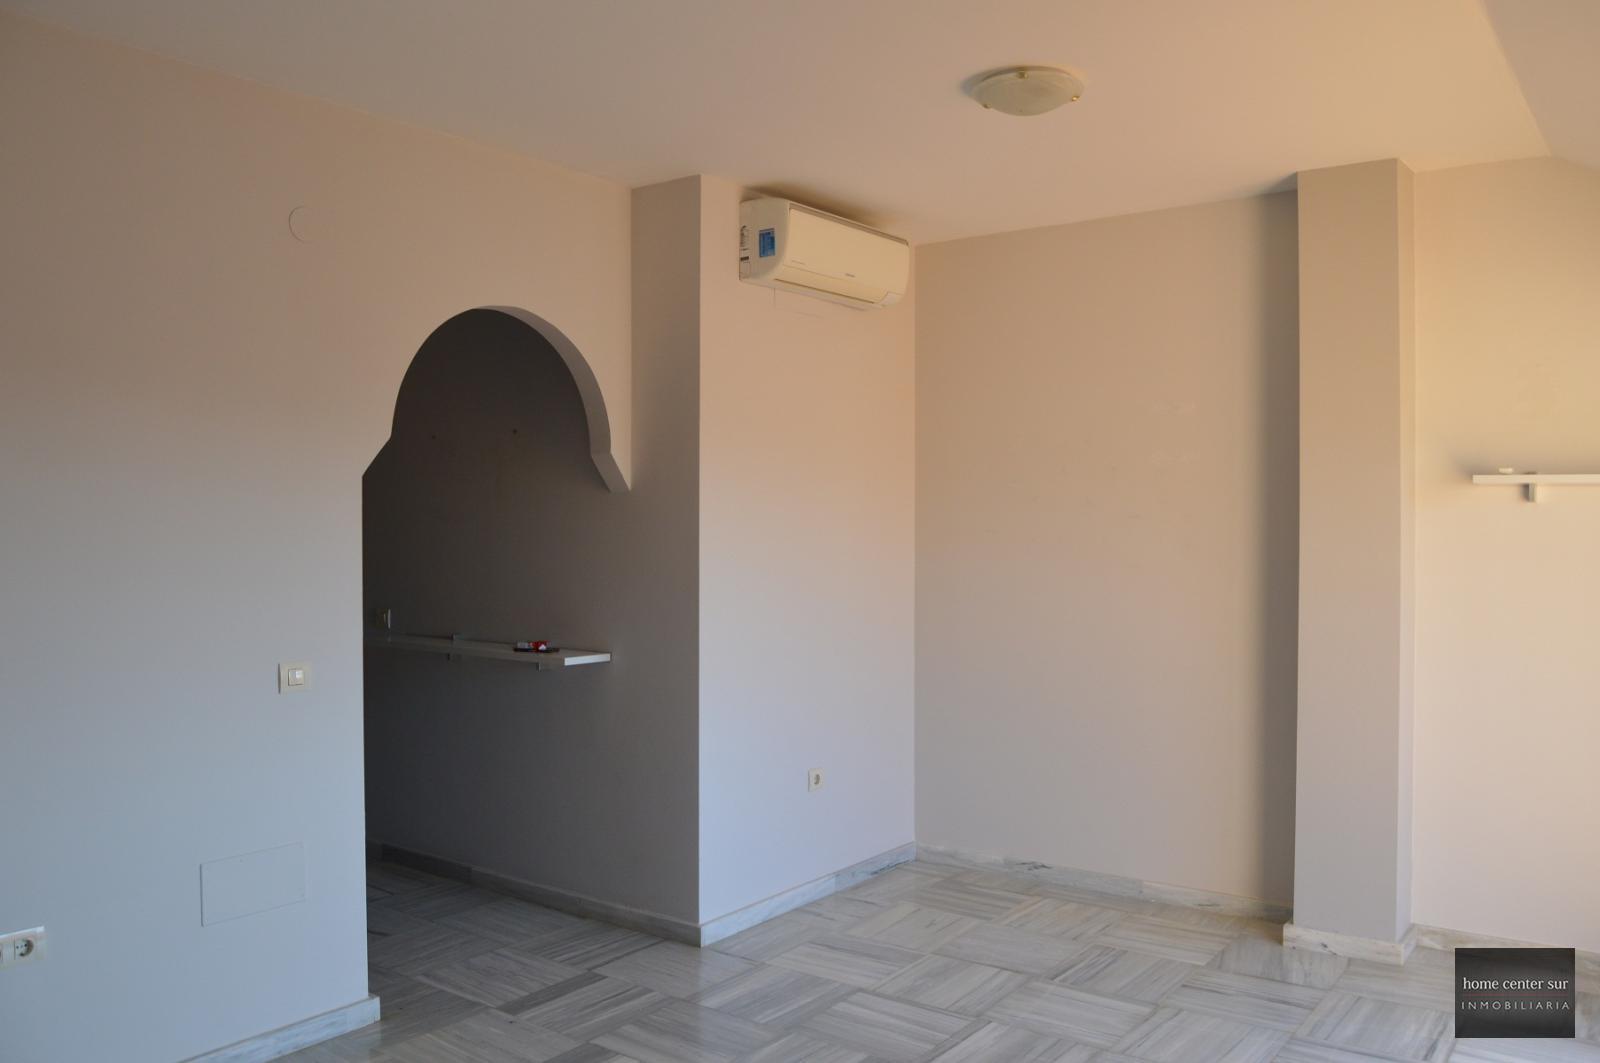 Apartamento en alquiler en Carretera de Mijas (Fuengirola), 650 €/mes